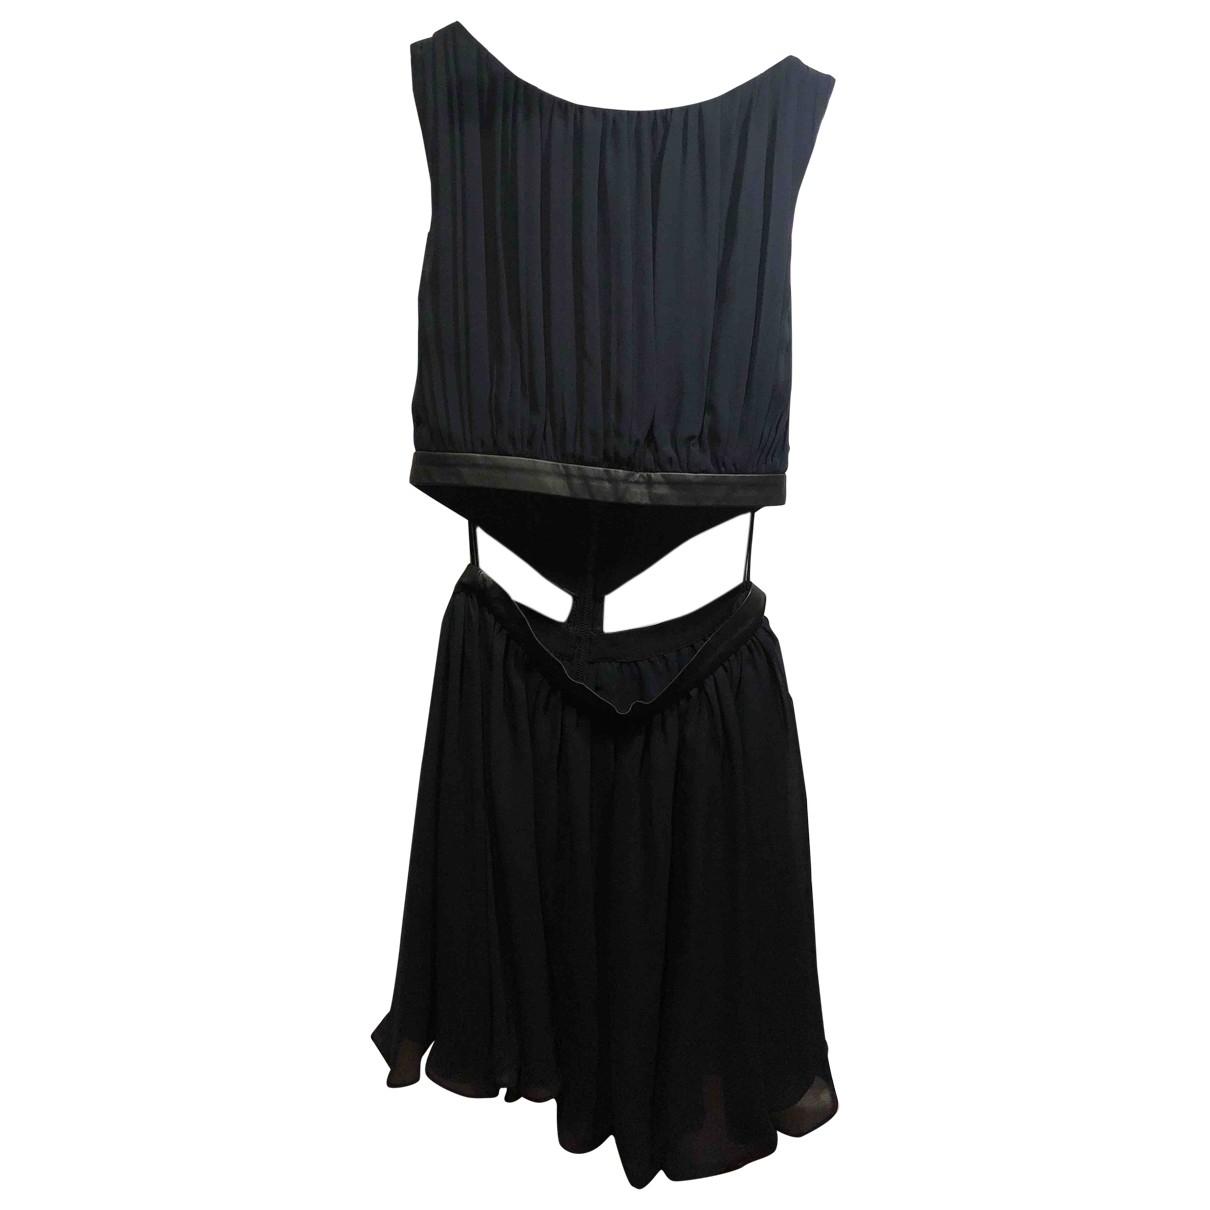 Alice & Olivia \N Navy dress for Women 38 FR